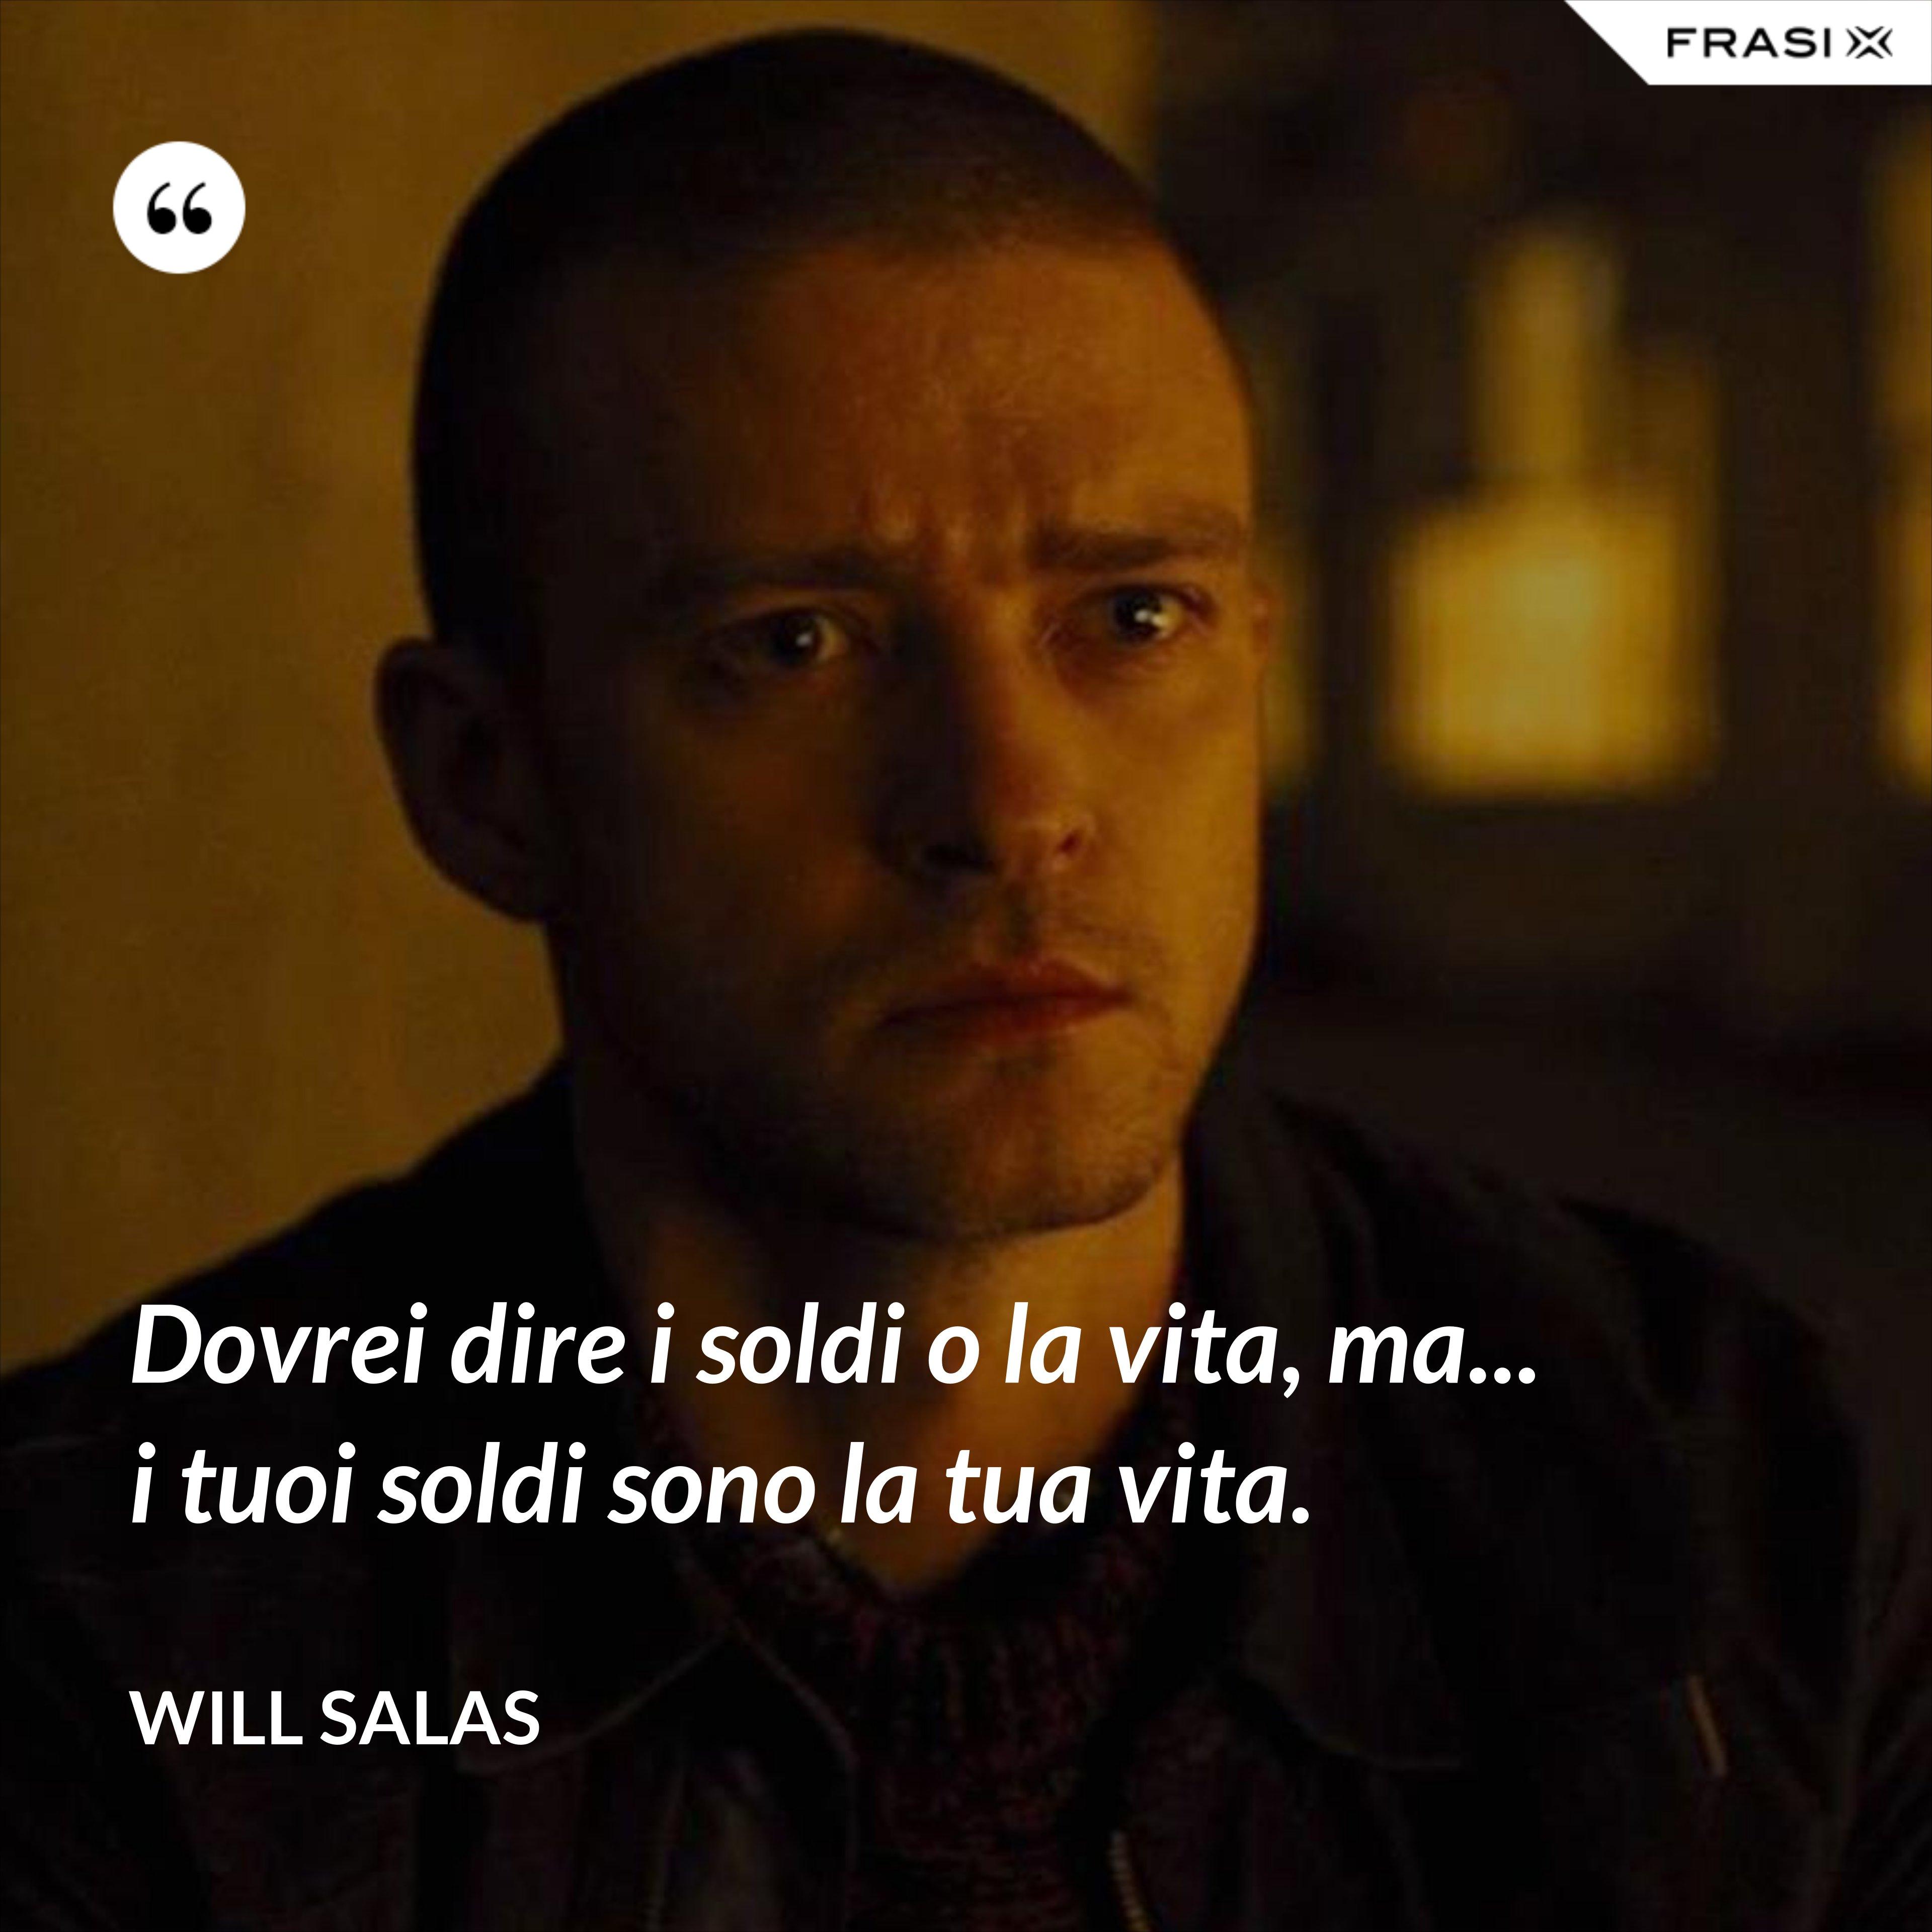 Dovrei dire i soldi o la vita, ma... i tuoi soldi sono la tua vita. - Will Salas